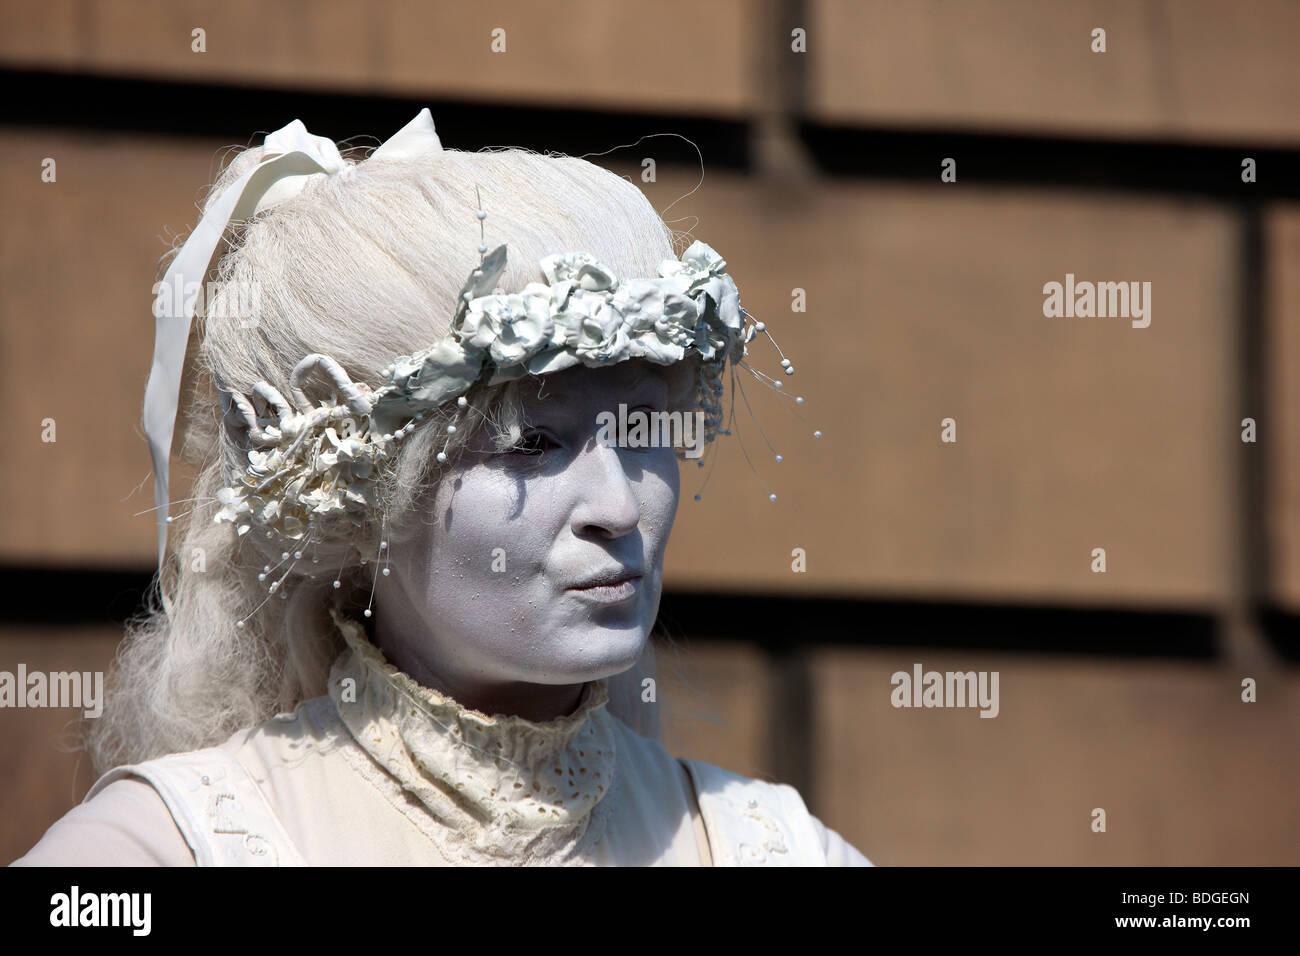 Street Artist at the Edinburgh Fringe Festival - Stock Image